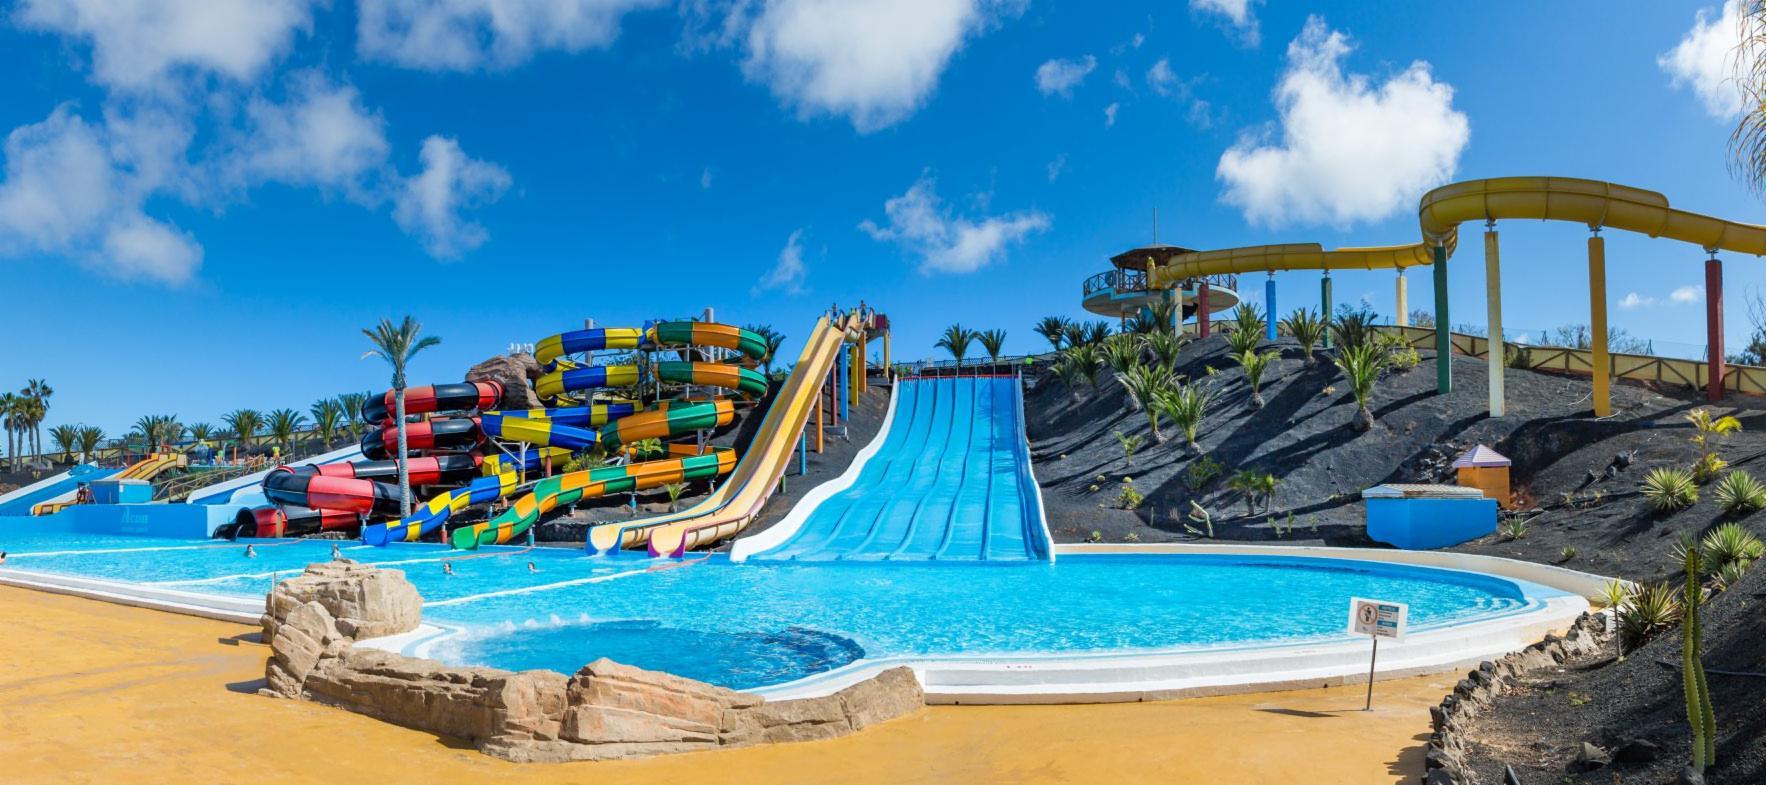 Acua Park in Fuerteventura | Your Guide to Fuerteventura